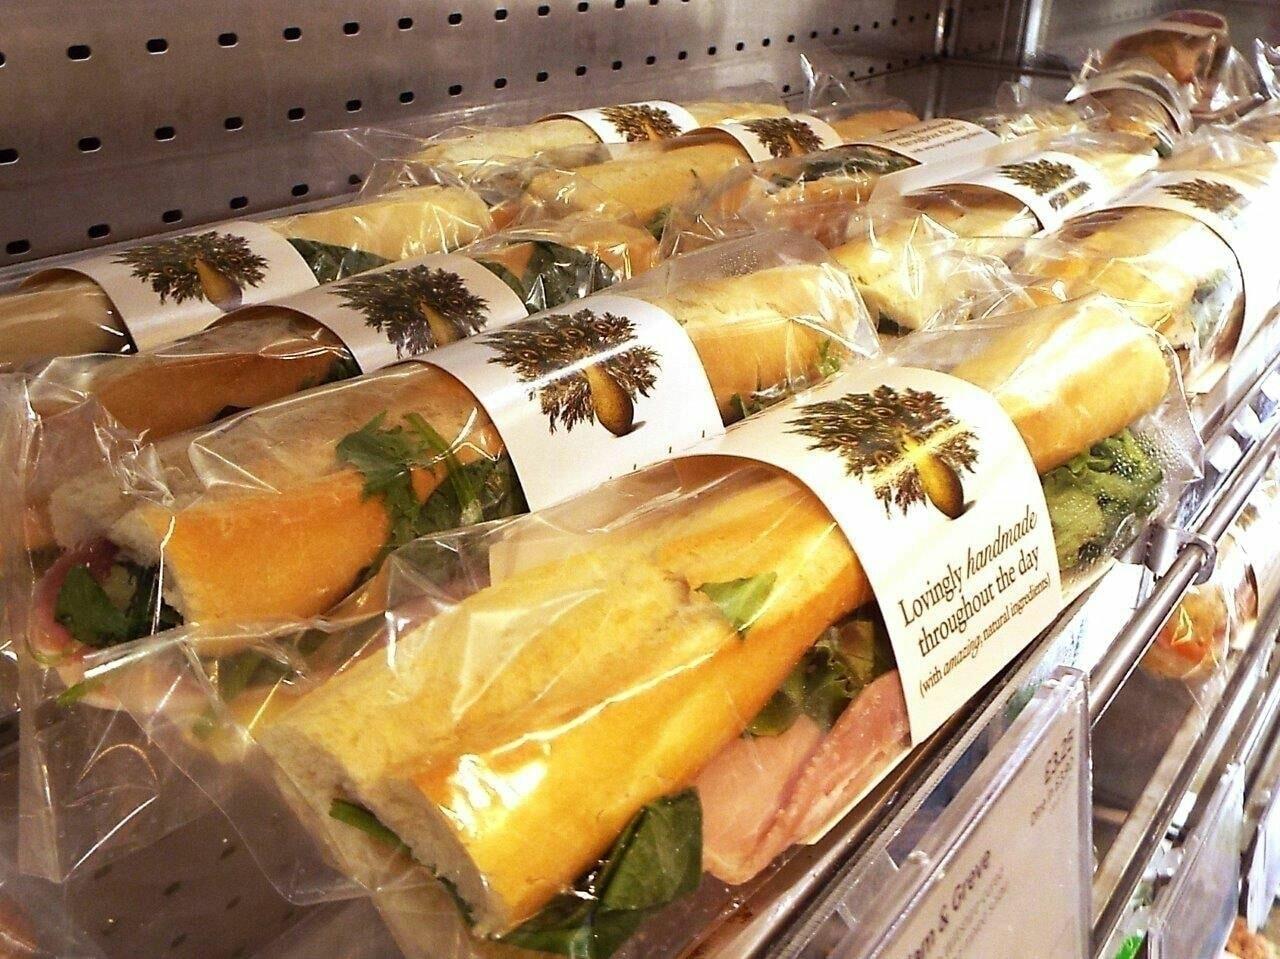 Pret A Manger baguettes  - Manchester city centre